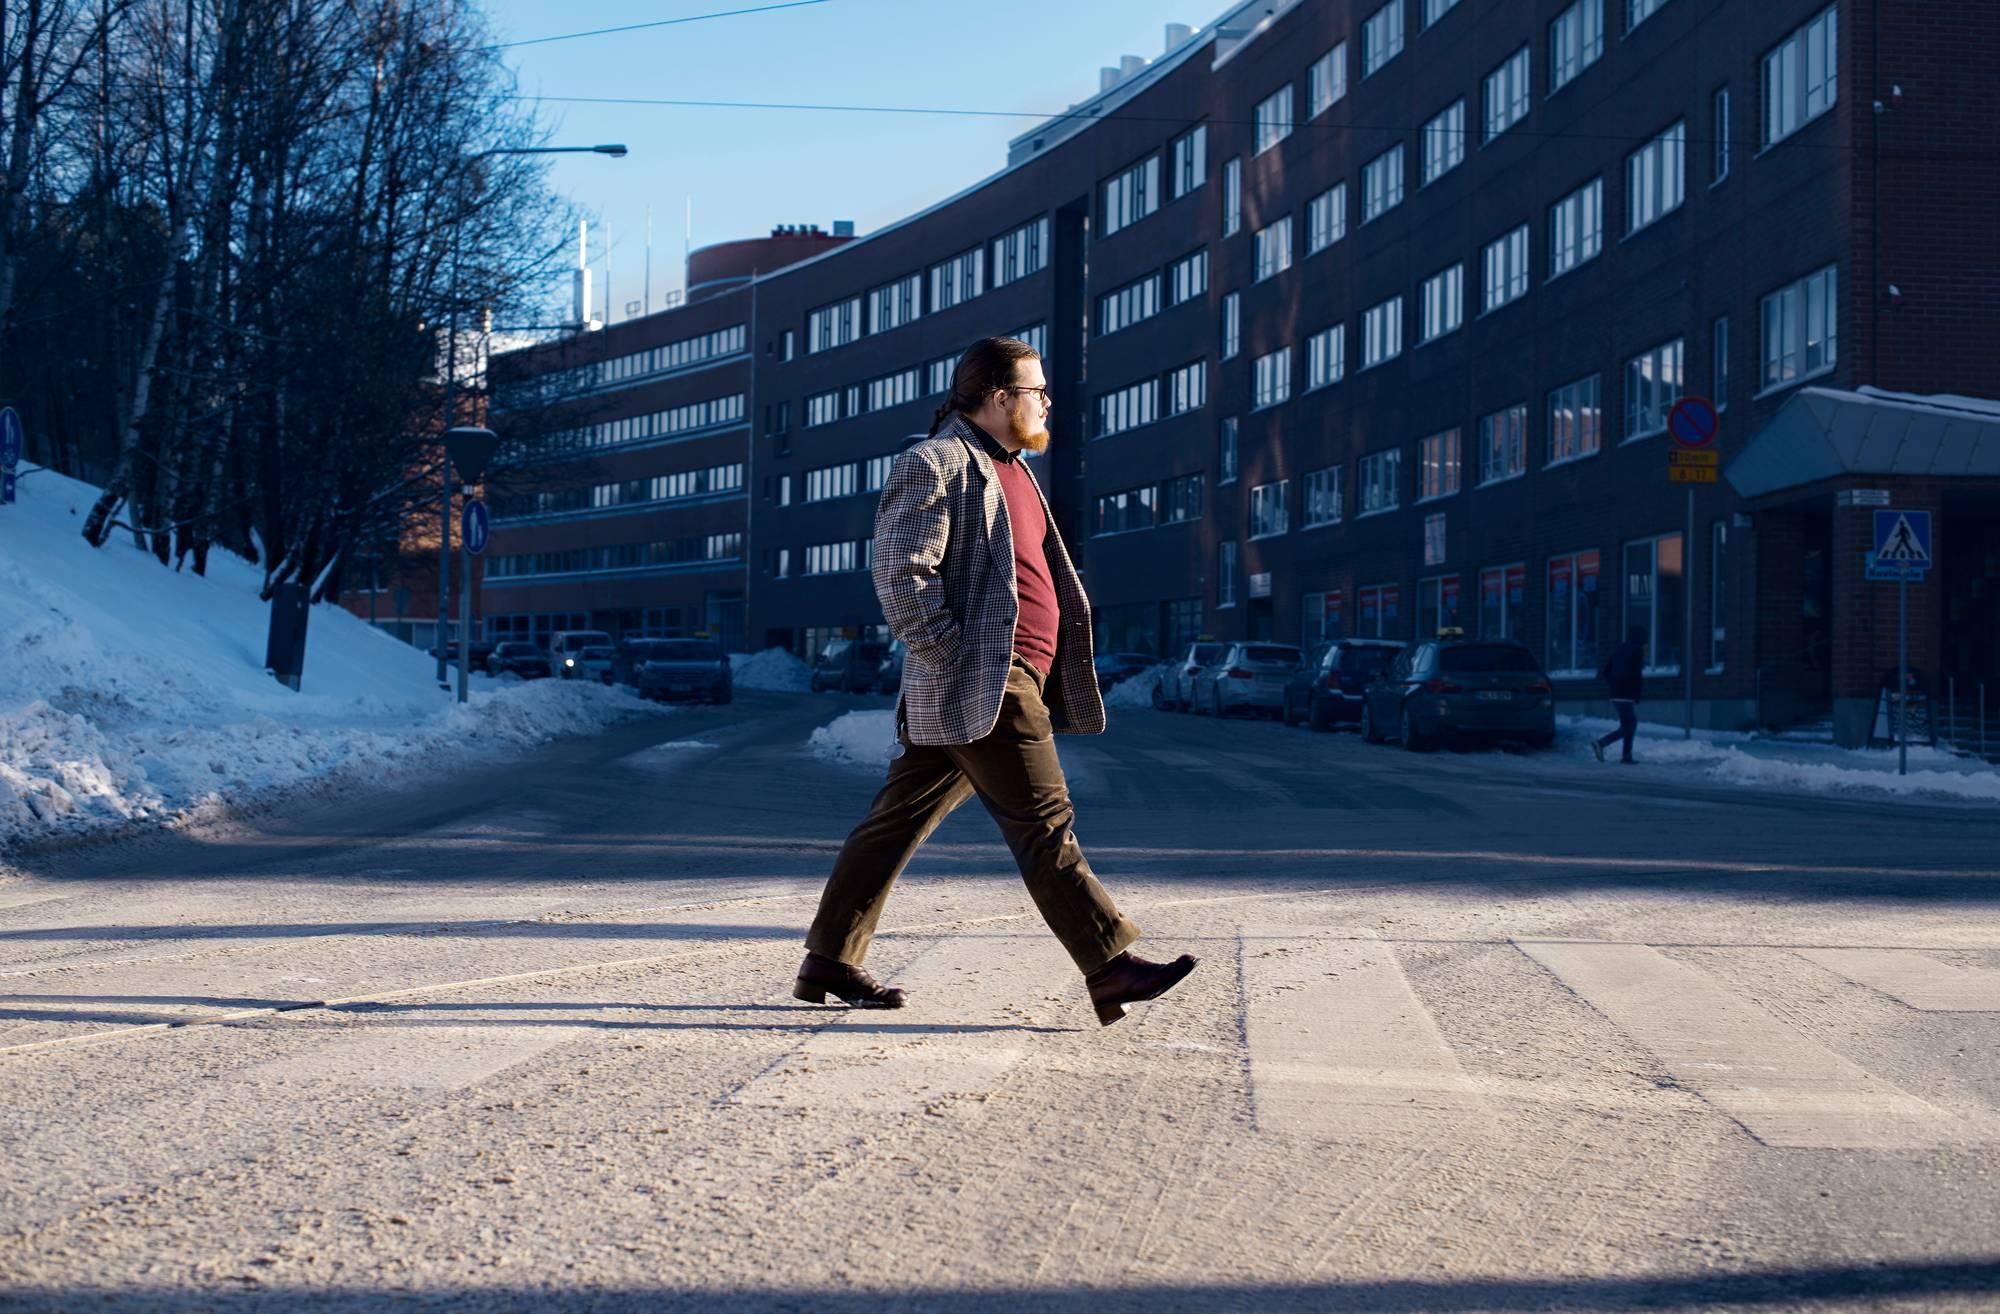 Orjo Pättiniemen työpaikka on Autismisäätiöllä Helsingin Vallilassa.